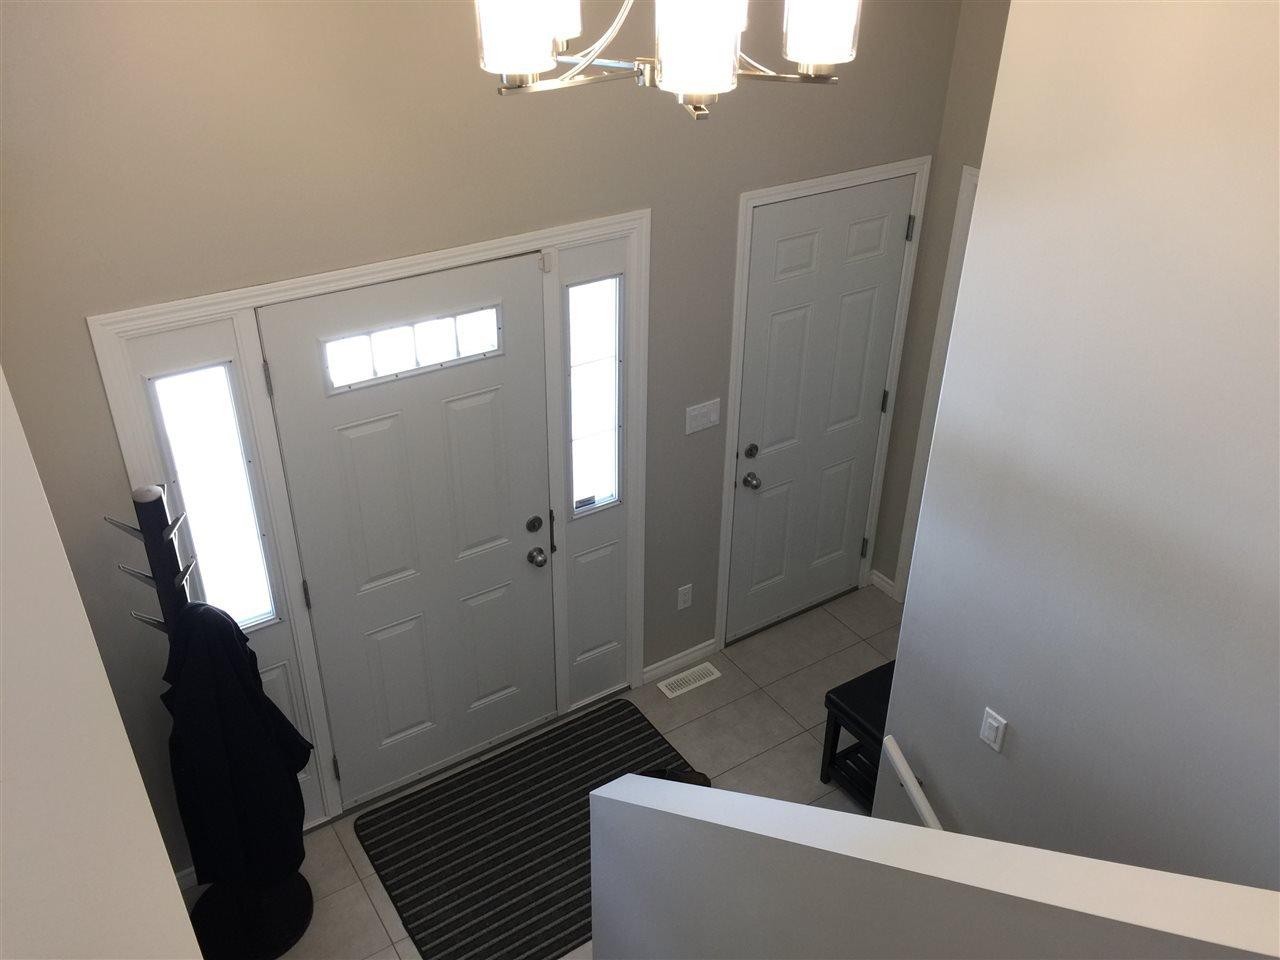 Photo 9: Photos: 11351 86A Street in Fort St. John: Fort St. John - City NE House for sale (Fort St. John (Zone 60))  : MLS®# R2147006